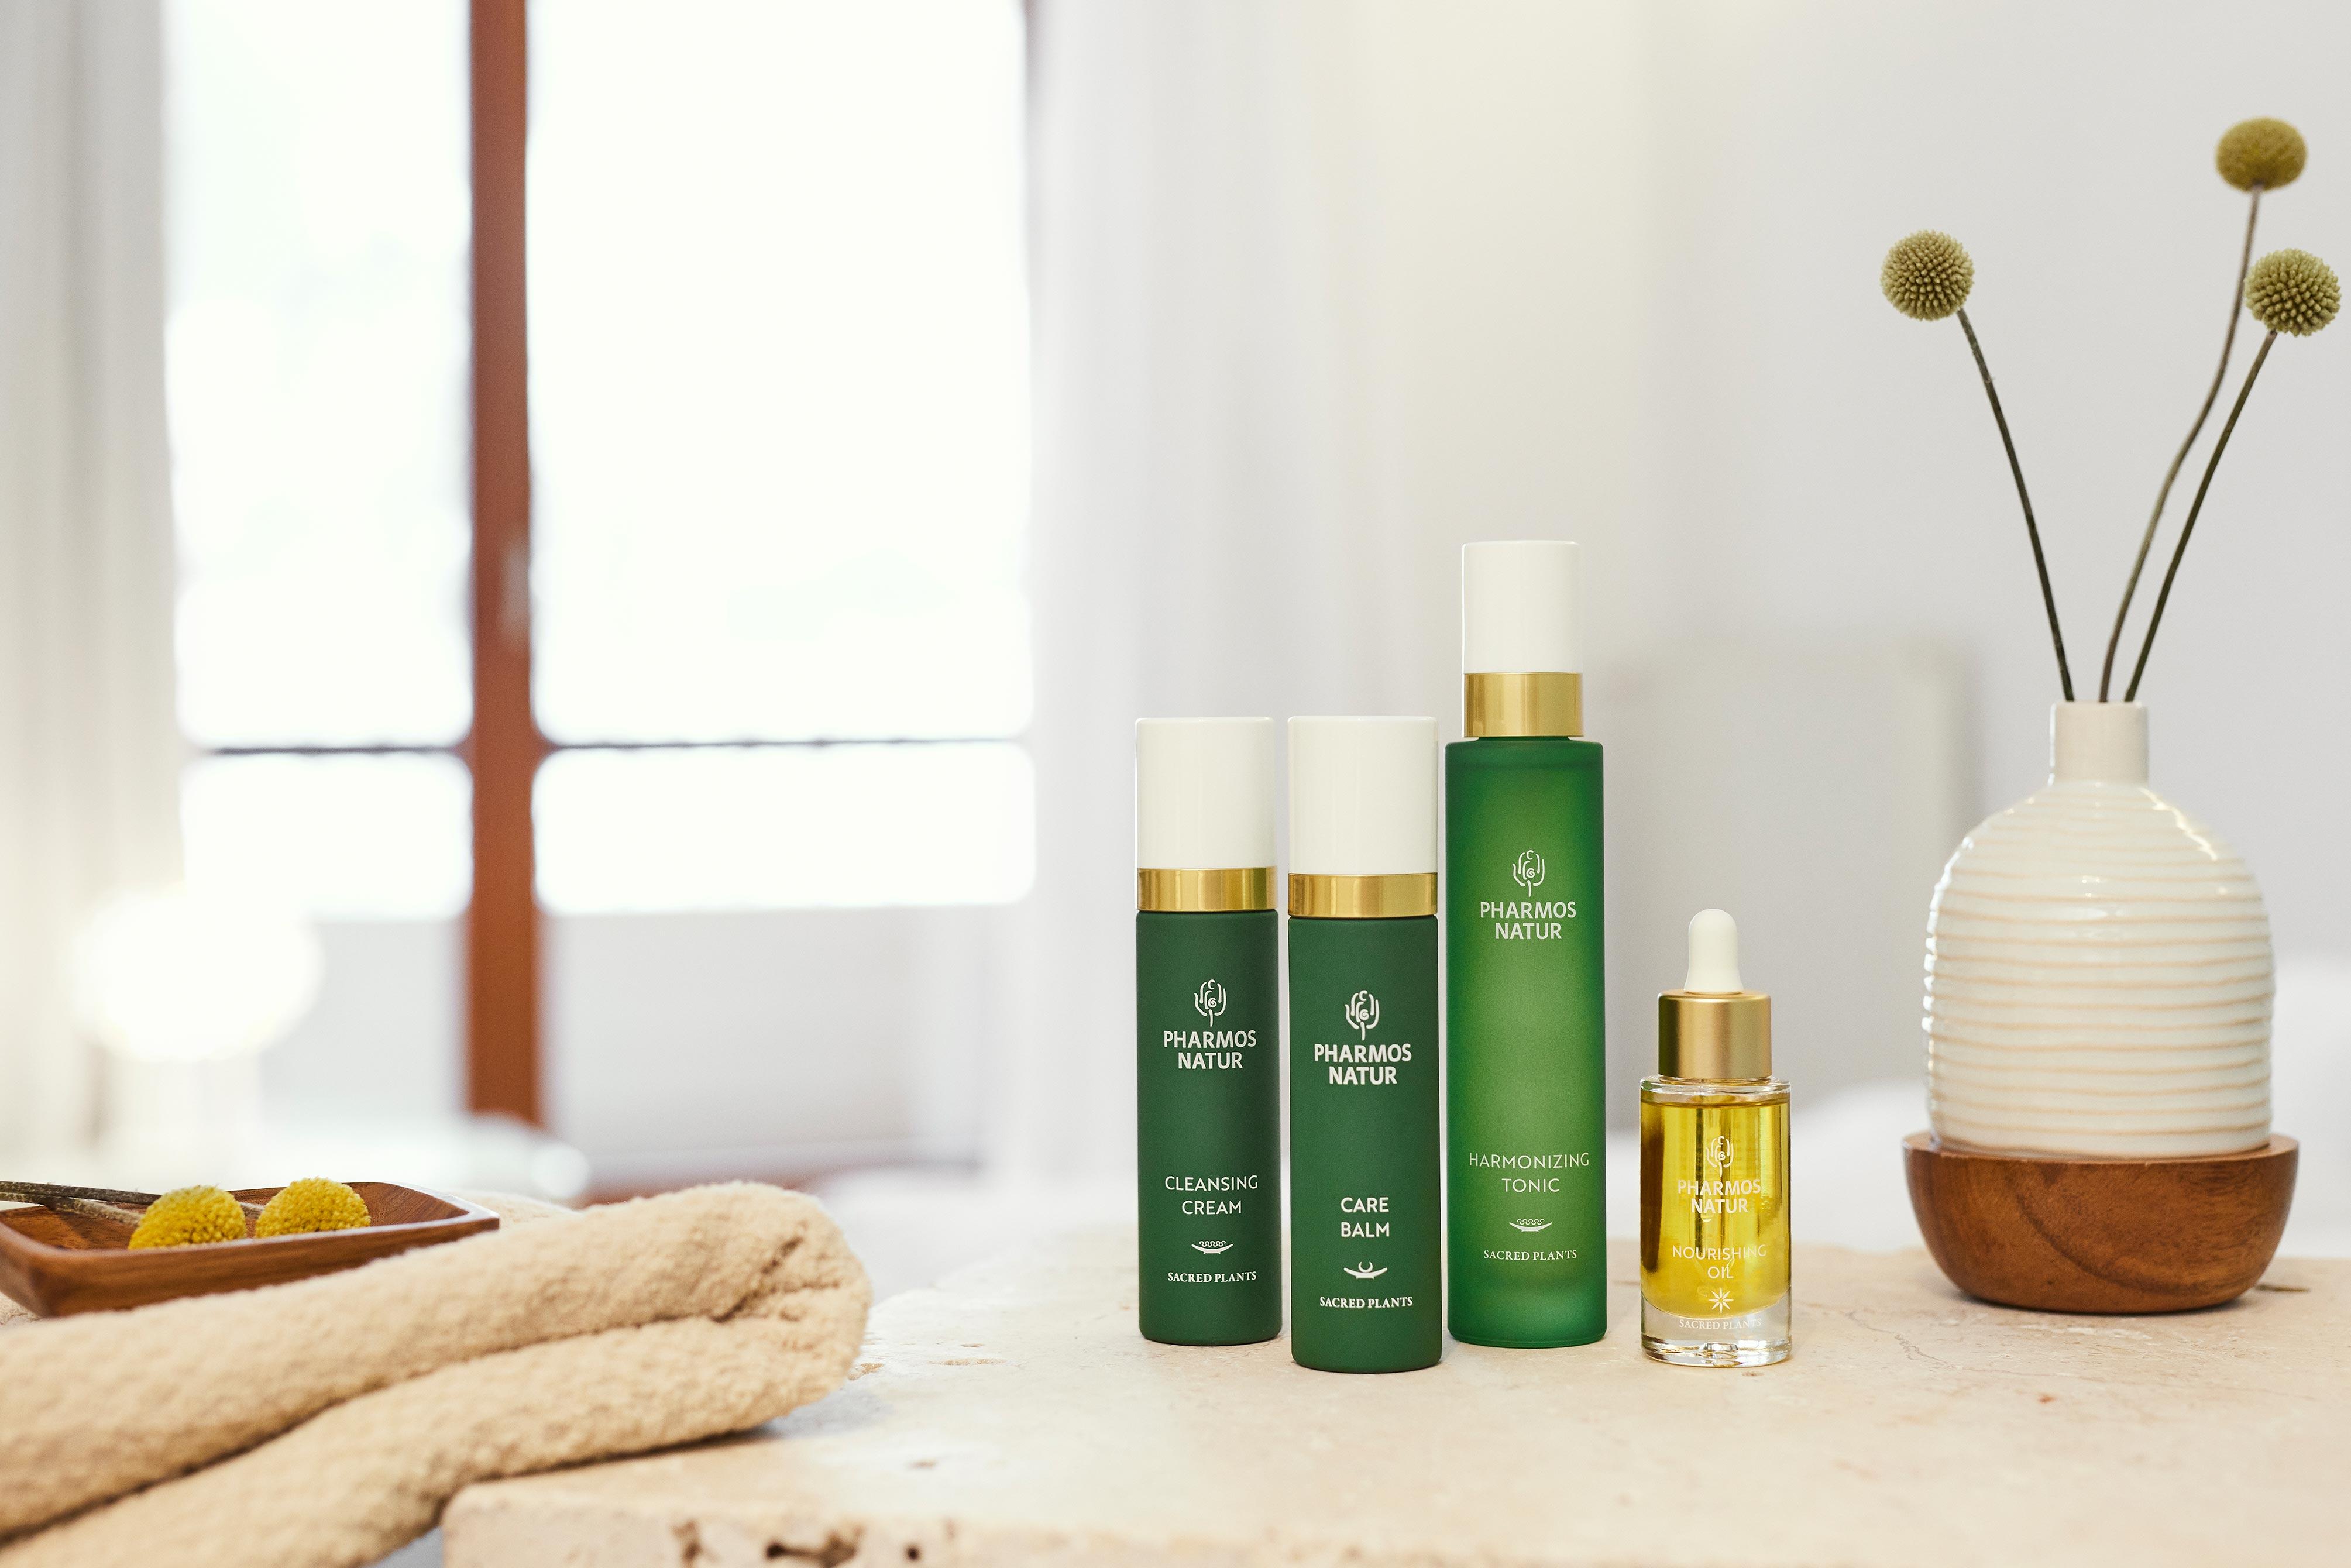 Produkte für trockene Haut mit Cleansing Cream, Care Balm und Harmonizing Tonic